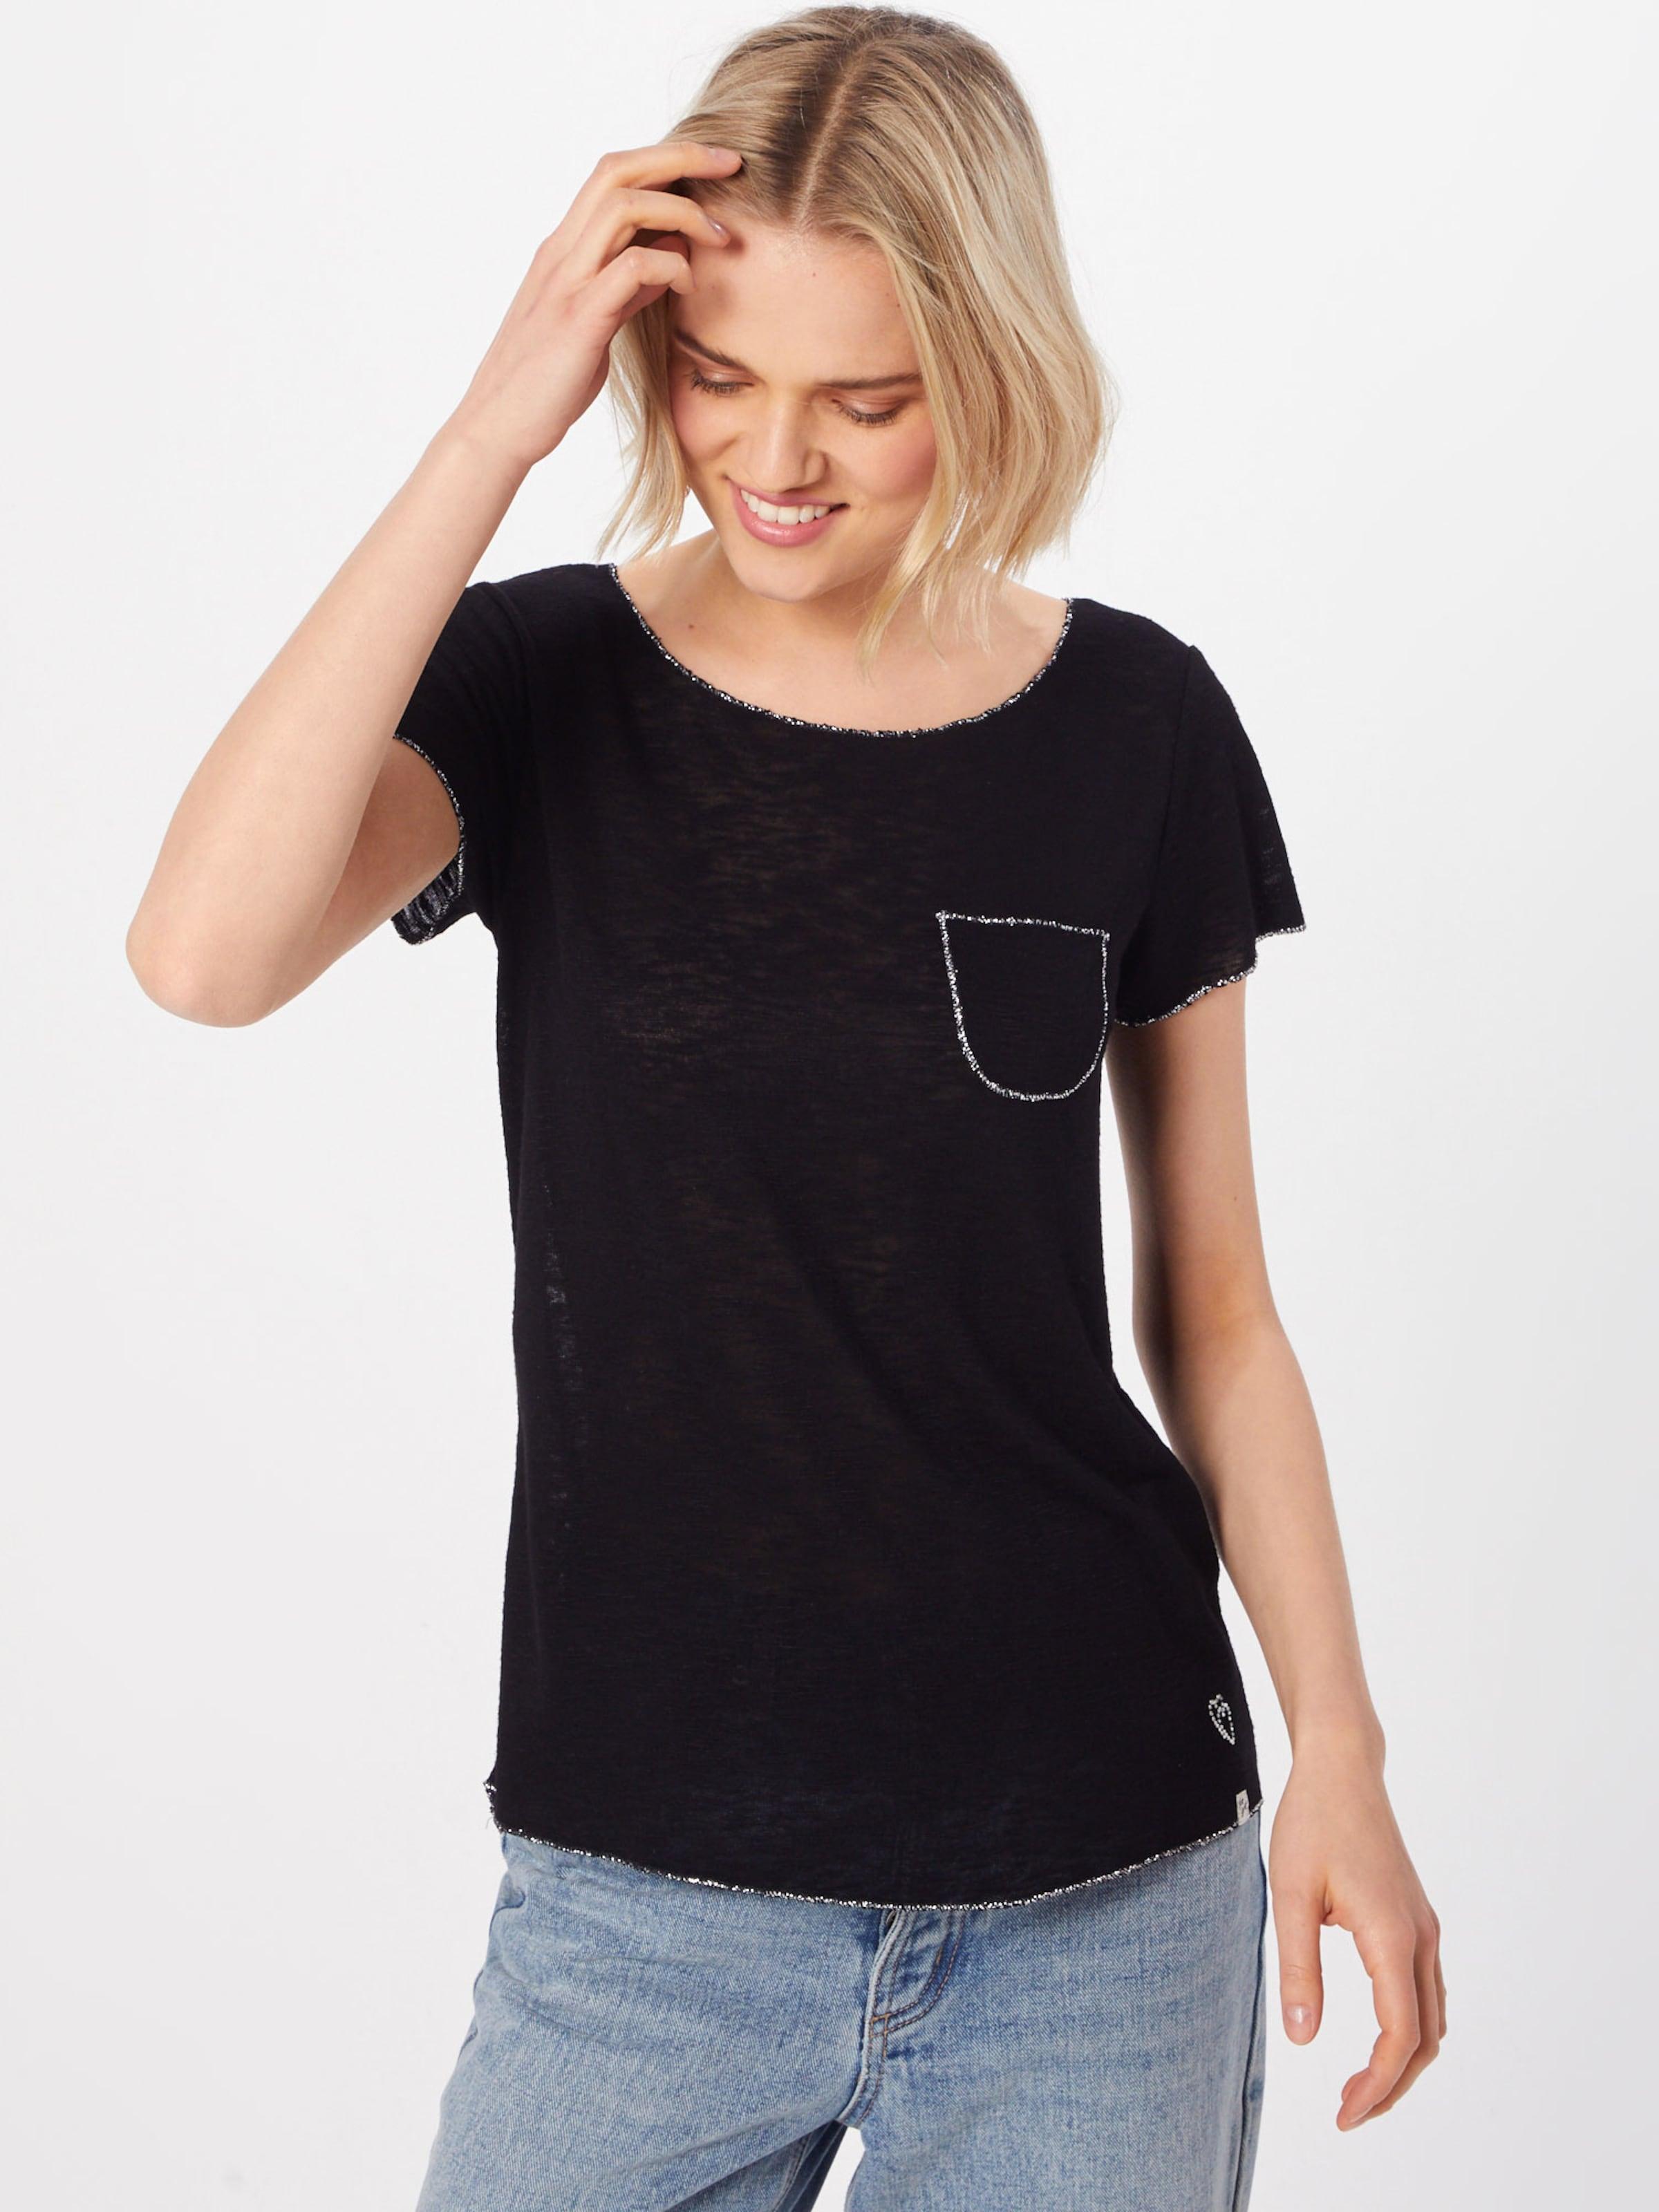 Dublin En Noir 'wt Round' Key New Largo T shirt On08Pkw